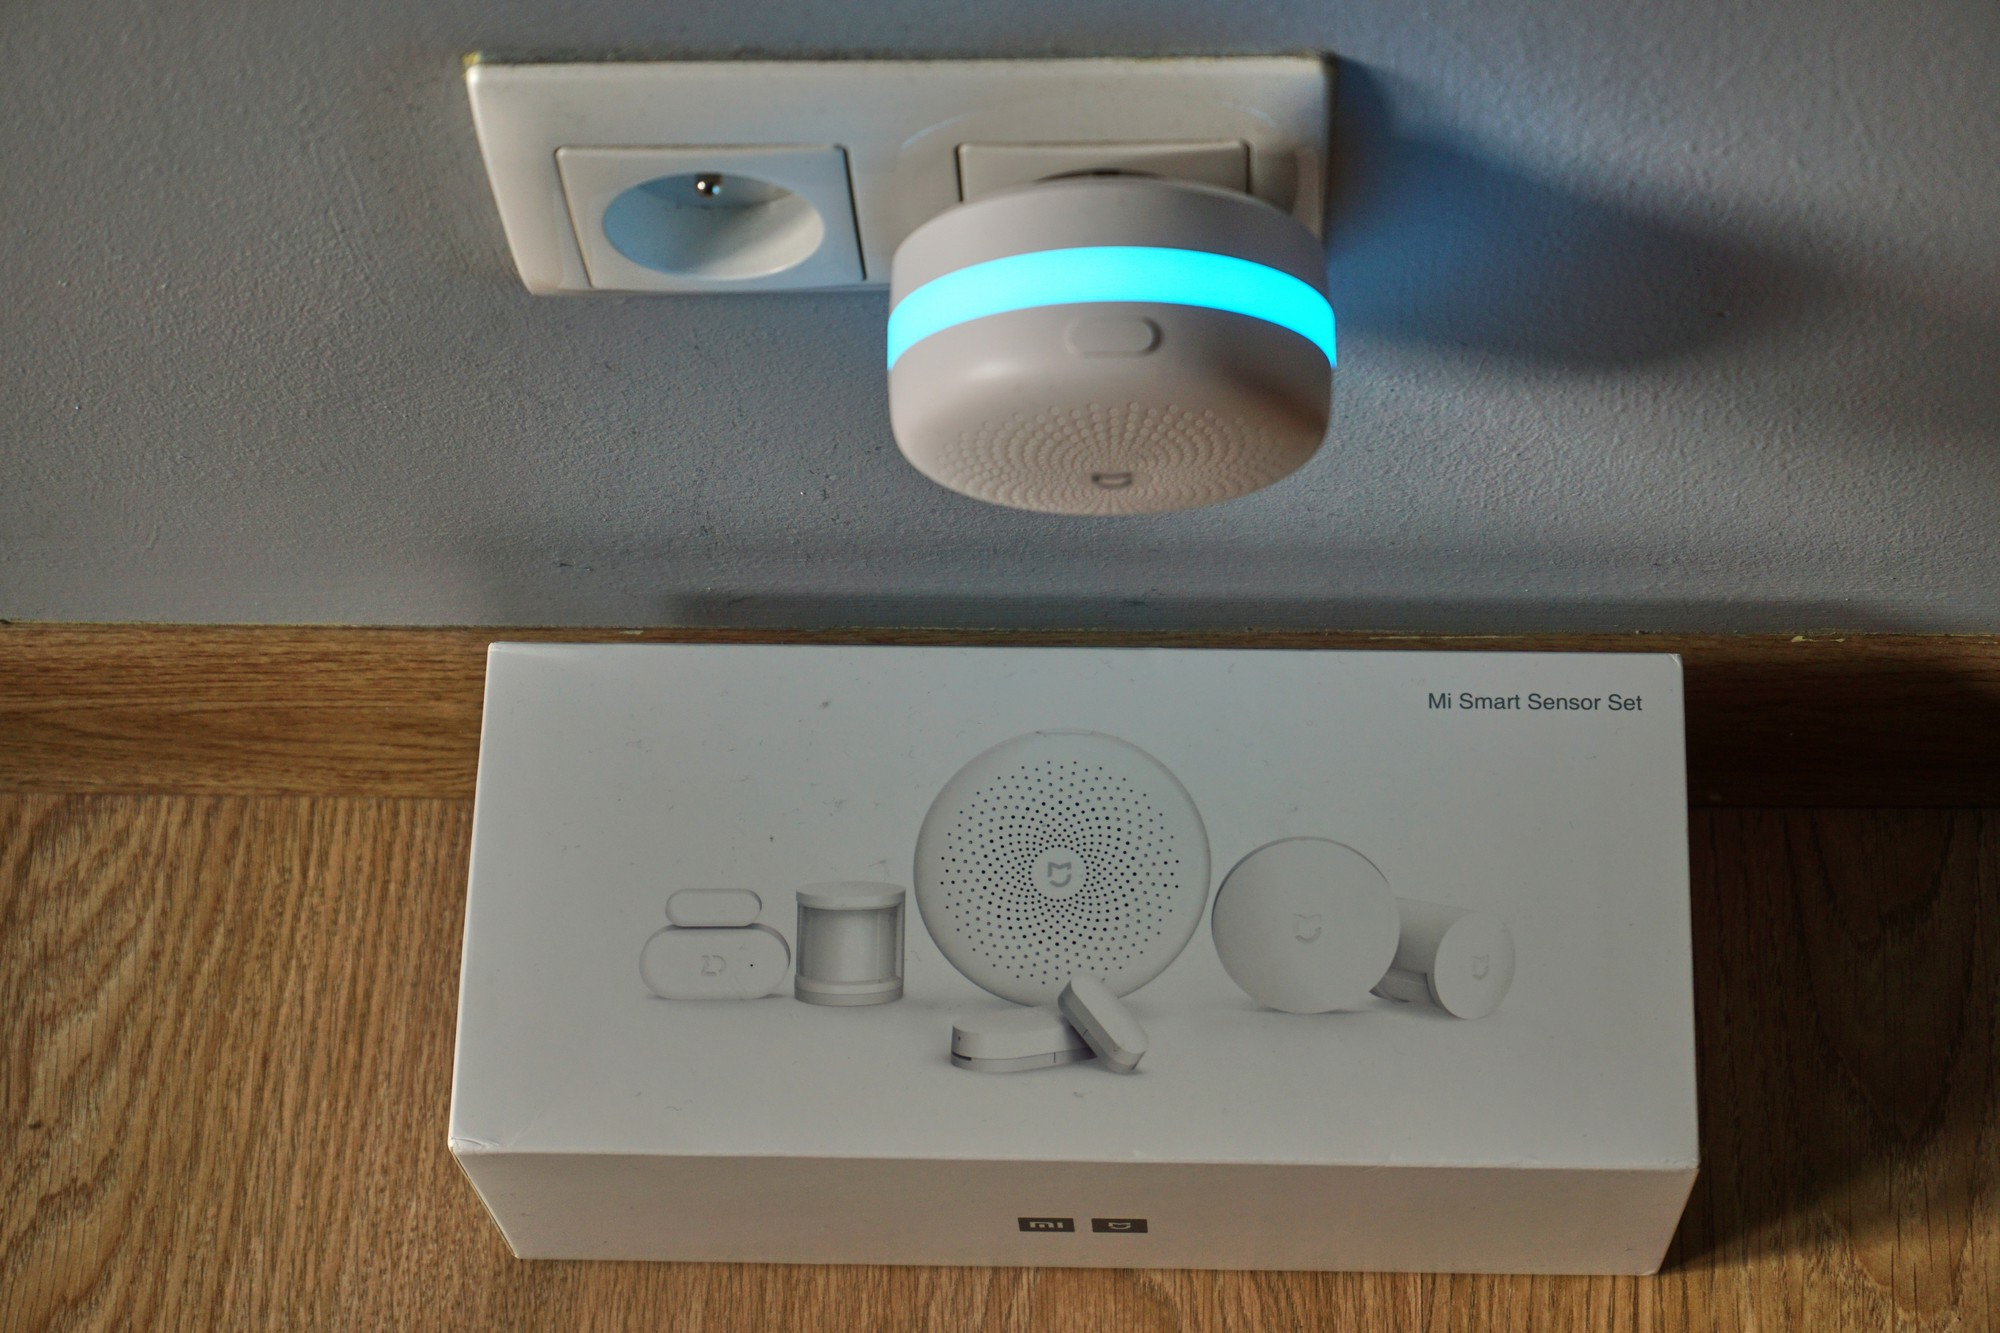 Xiaomi Smart Sensor Set - recenzja taniego wstępu do domu inteligentnego 8